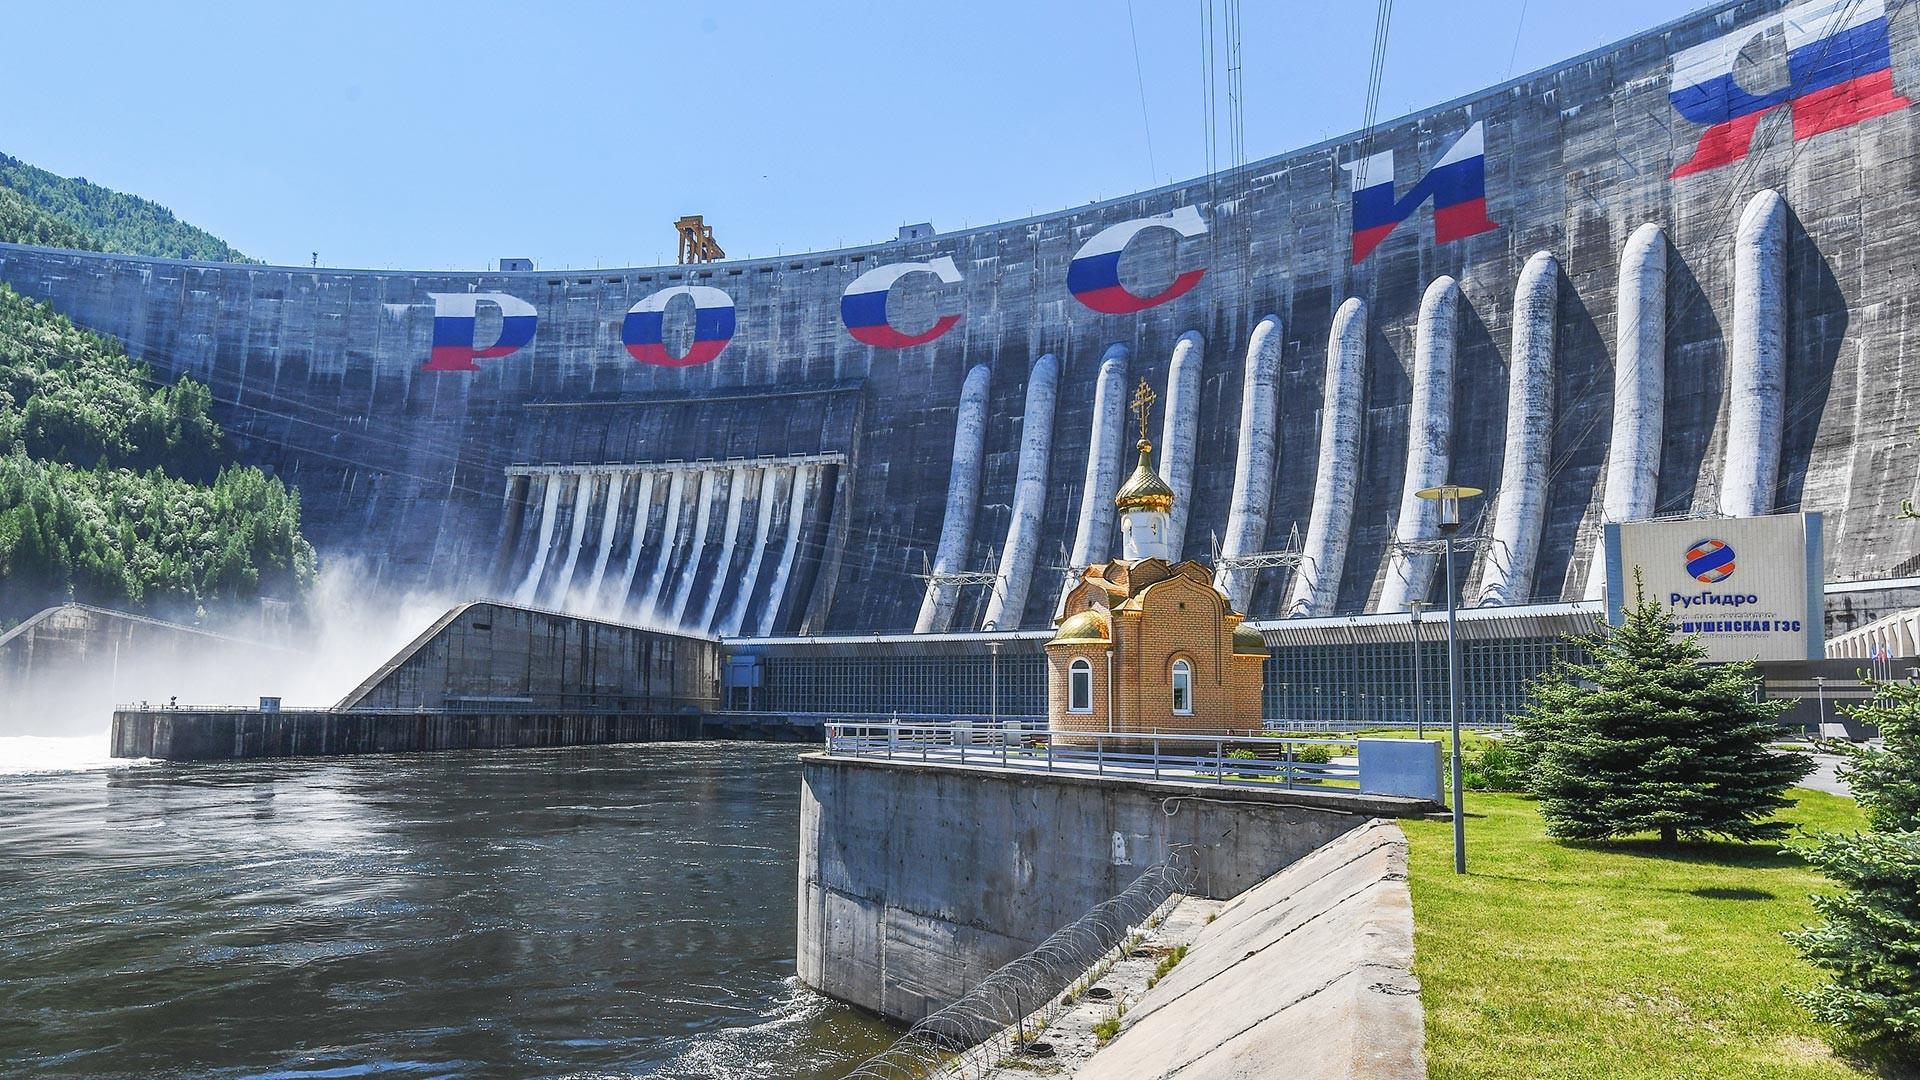 Вид на Саяно-Шушенскую гидроэлектростанцию на реке Енисей в Хакасии.